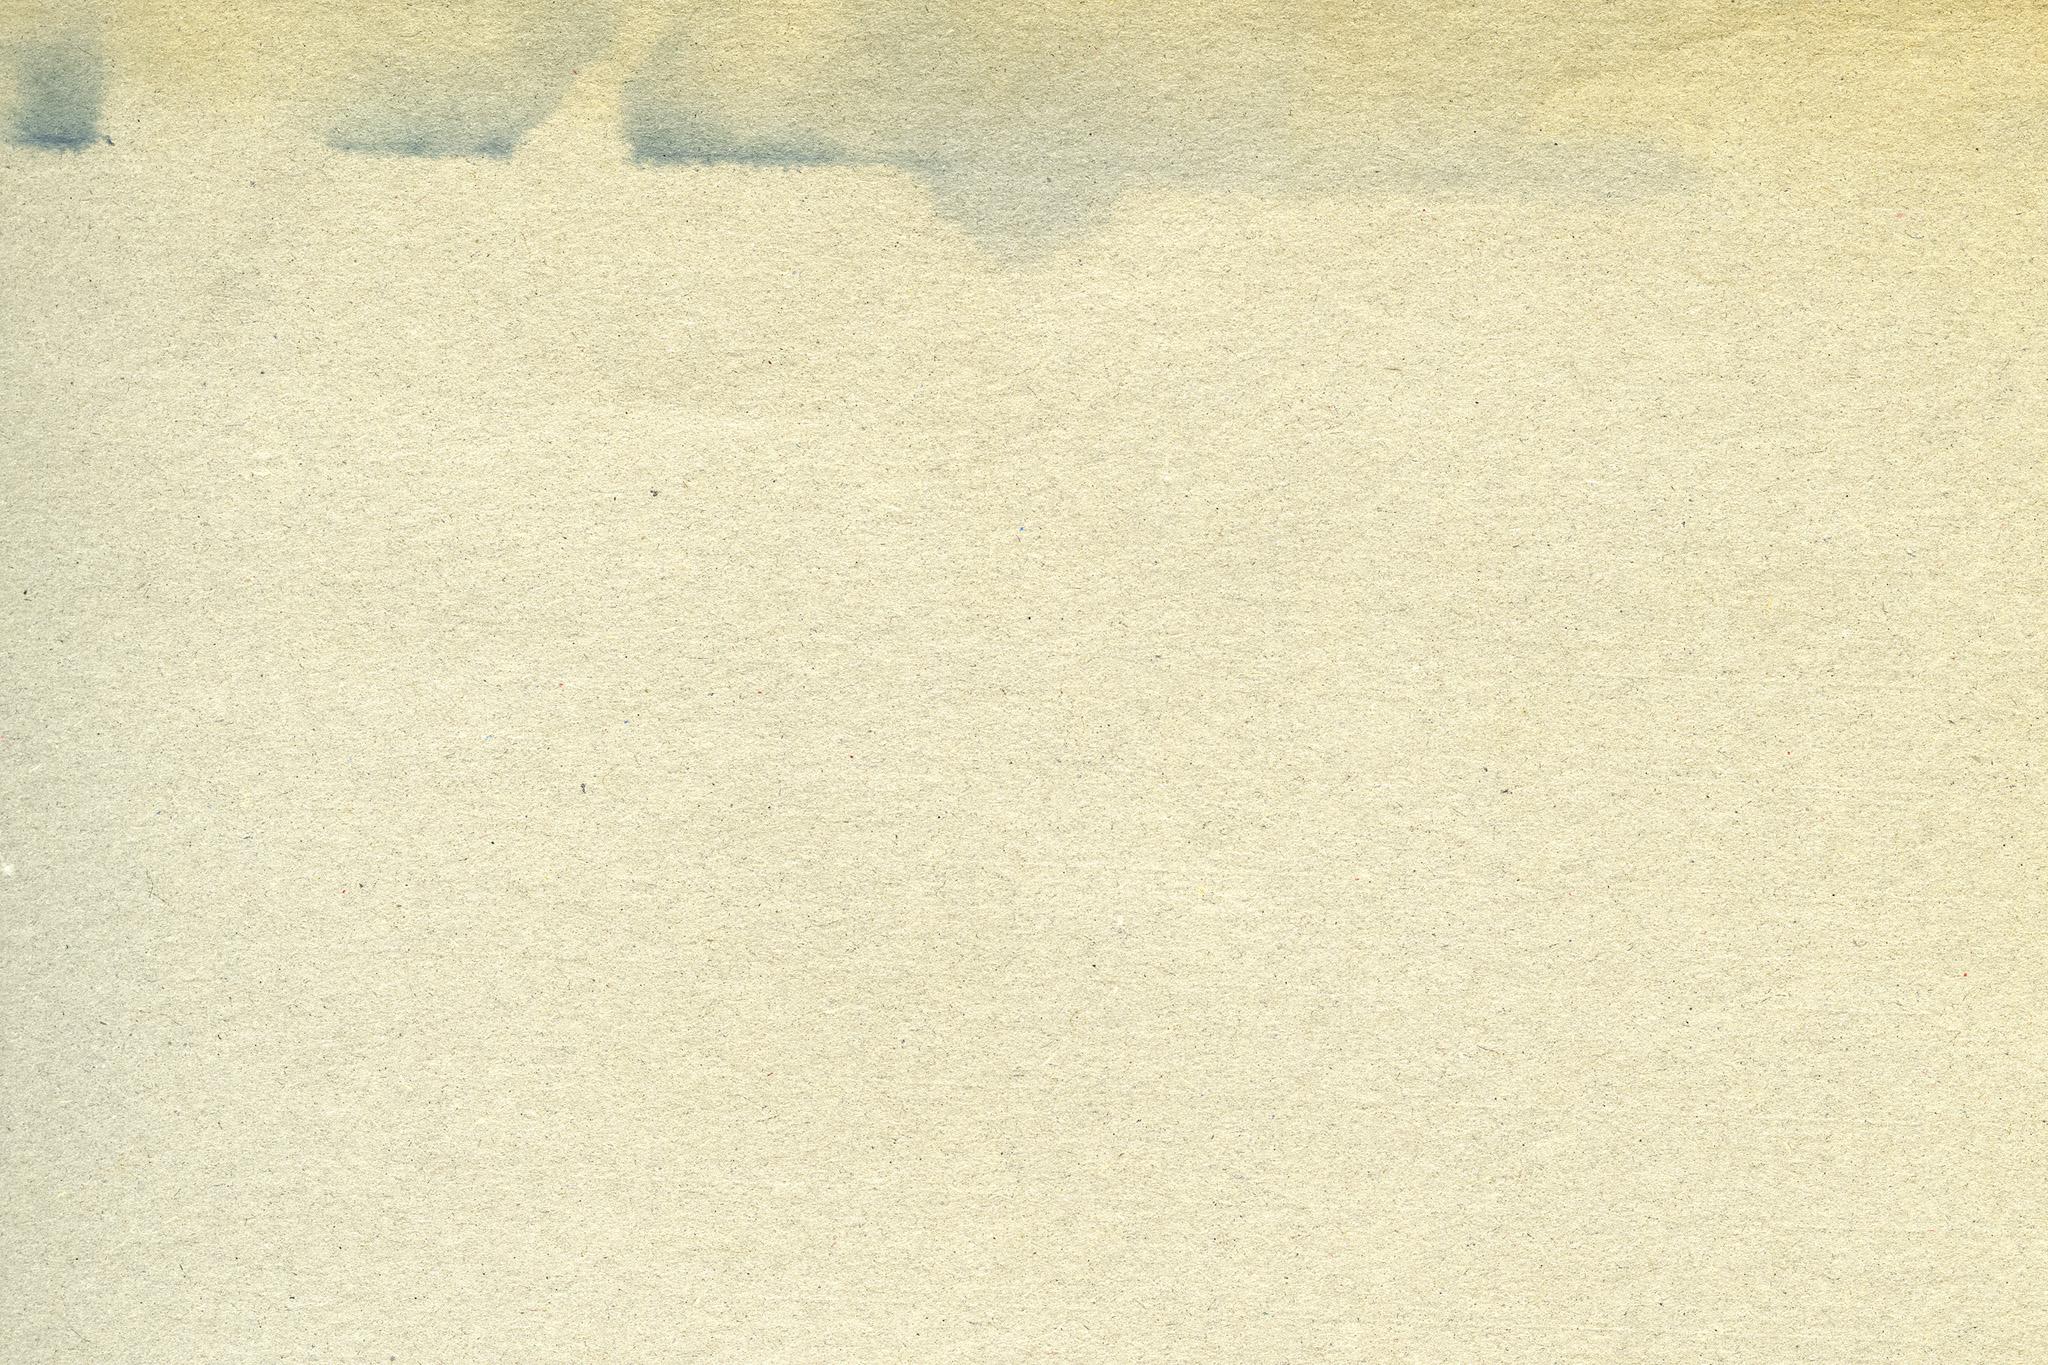 「インクの滲んだ様なシミのある紙」